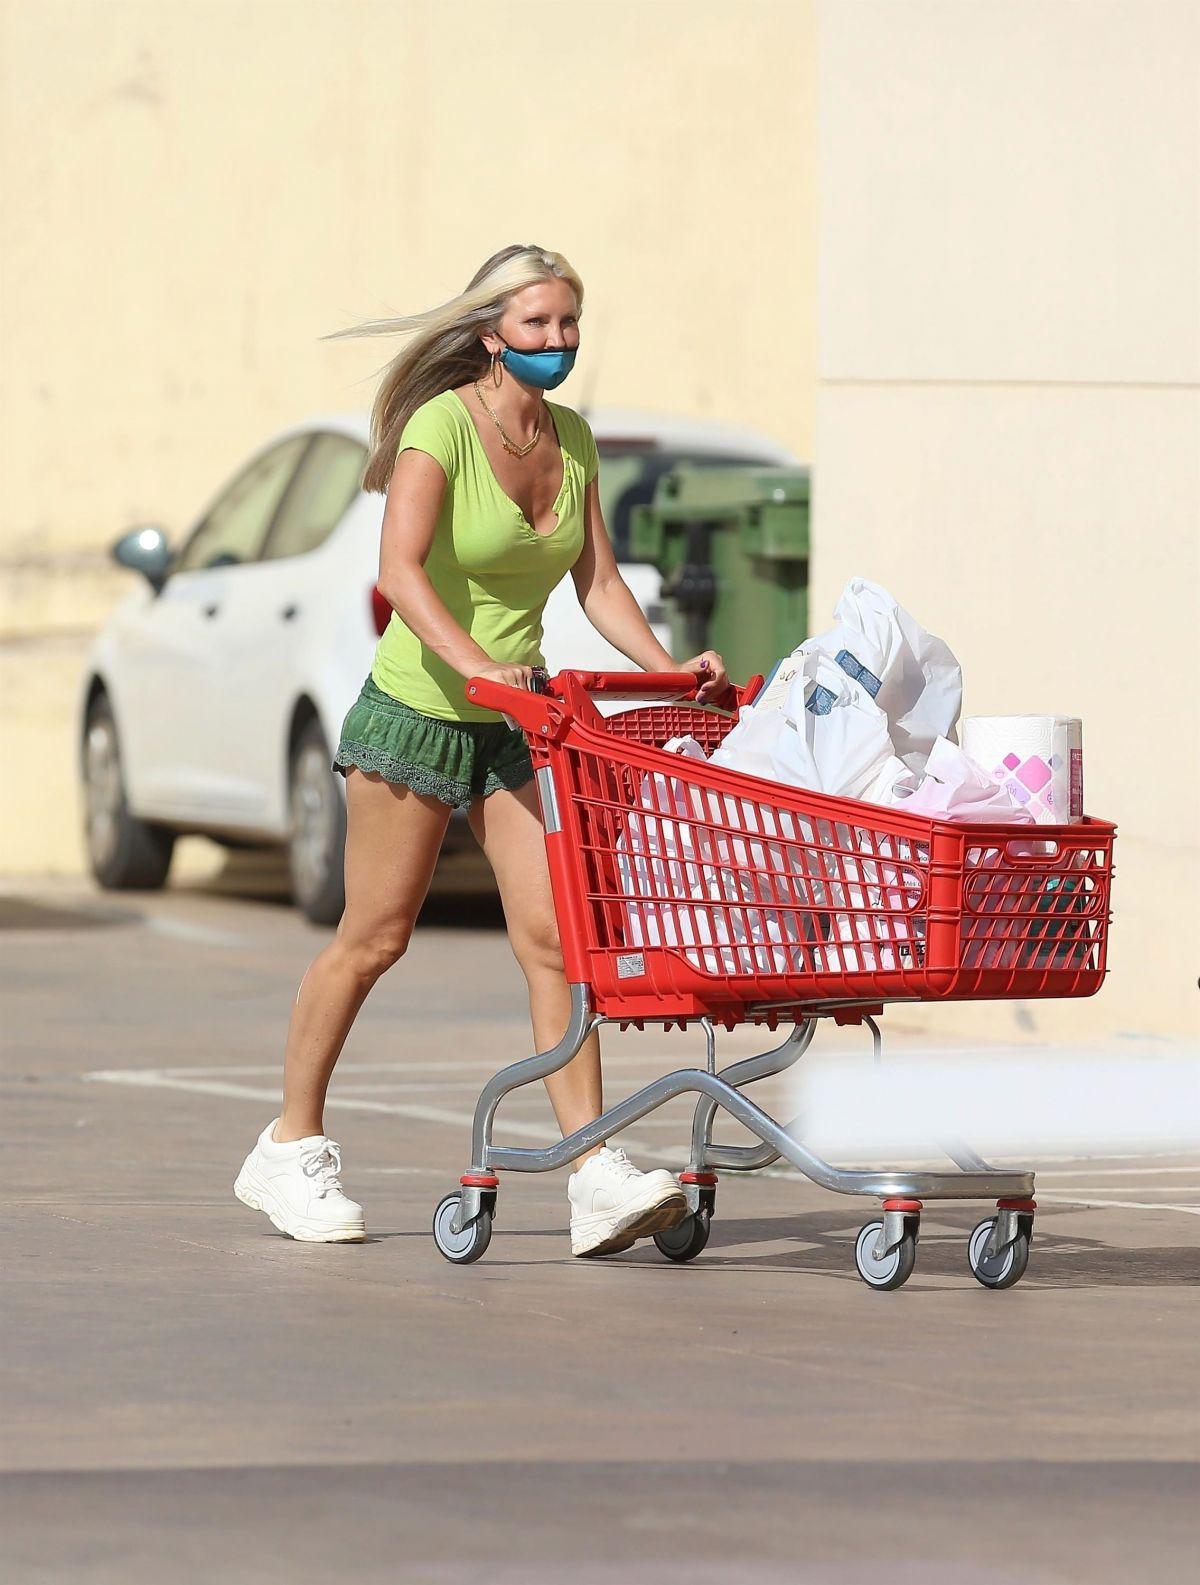 Caprice Bourret Out Shopping Supermarket Ibiza